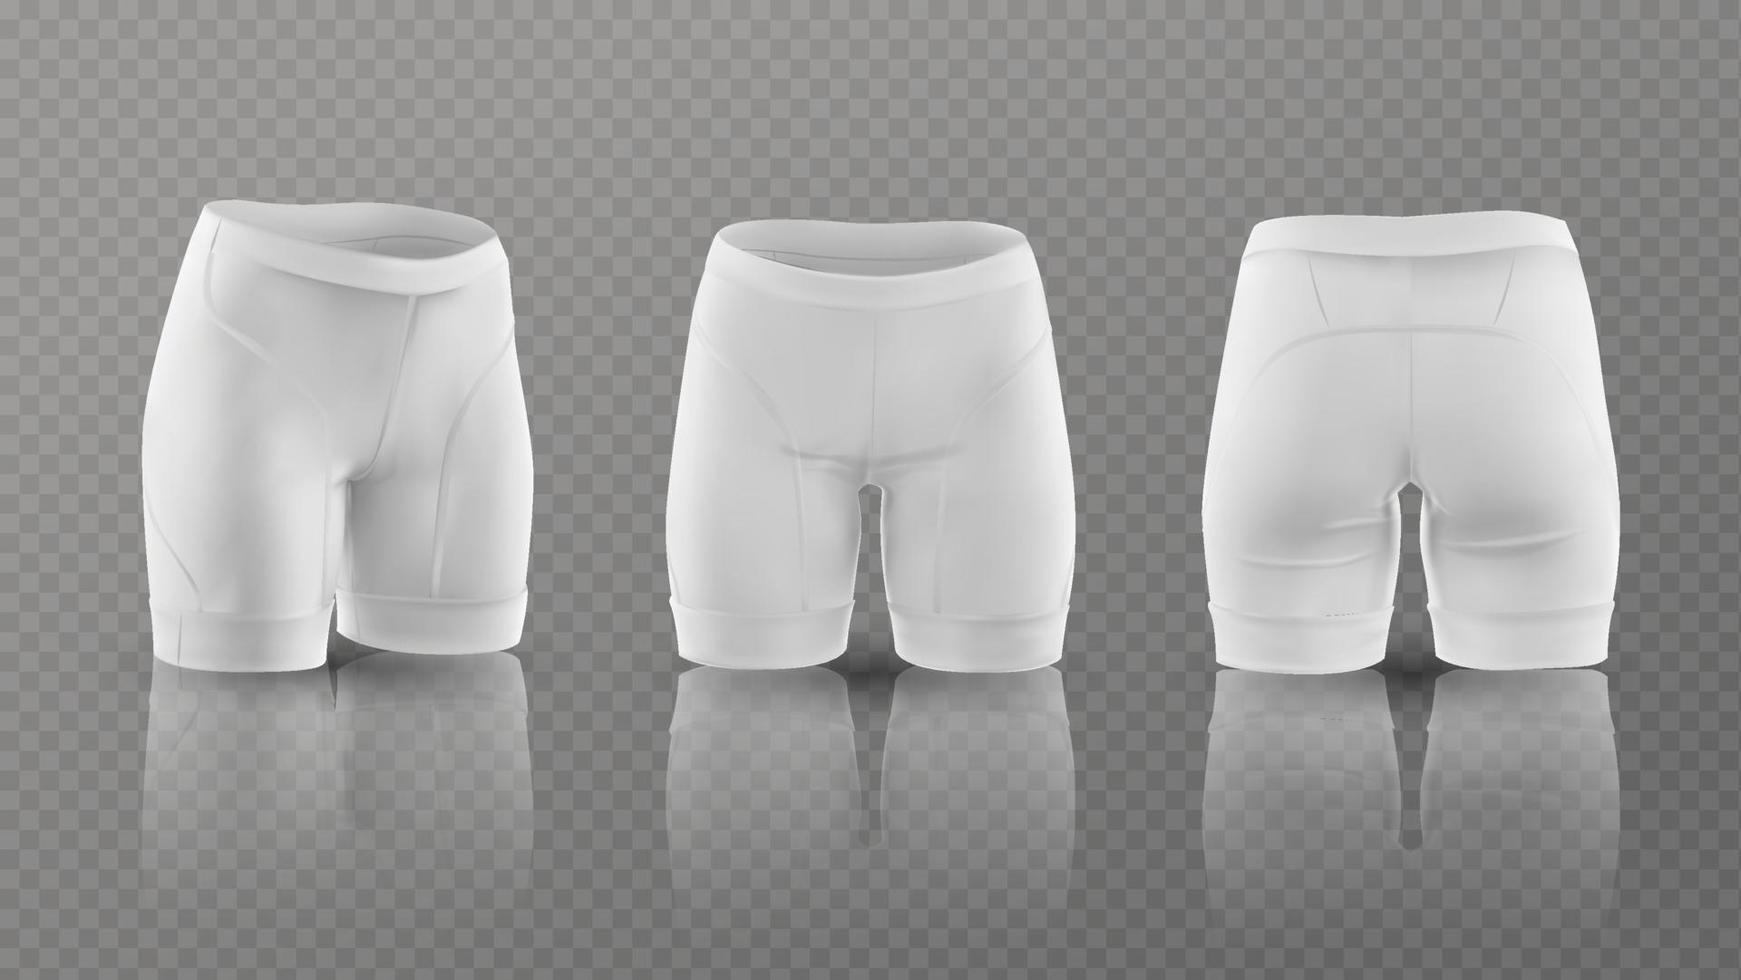 Modell für Damen-Radhosen in verschiedenen Positionen. Vektorillustration vektor